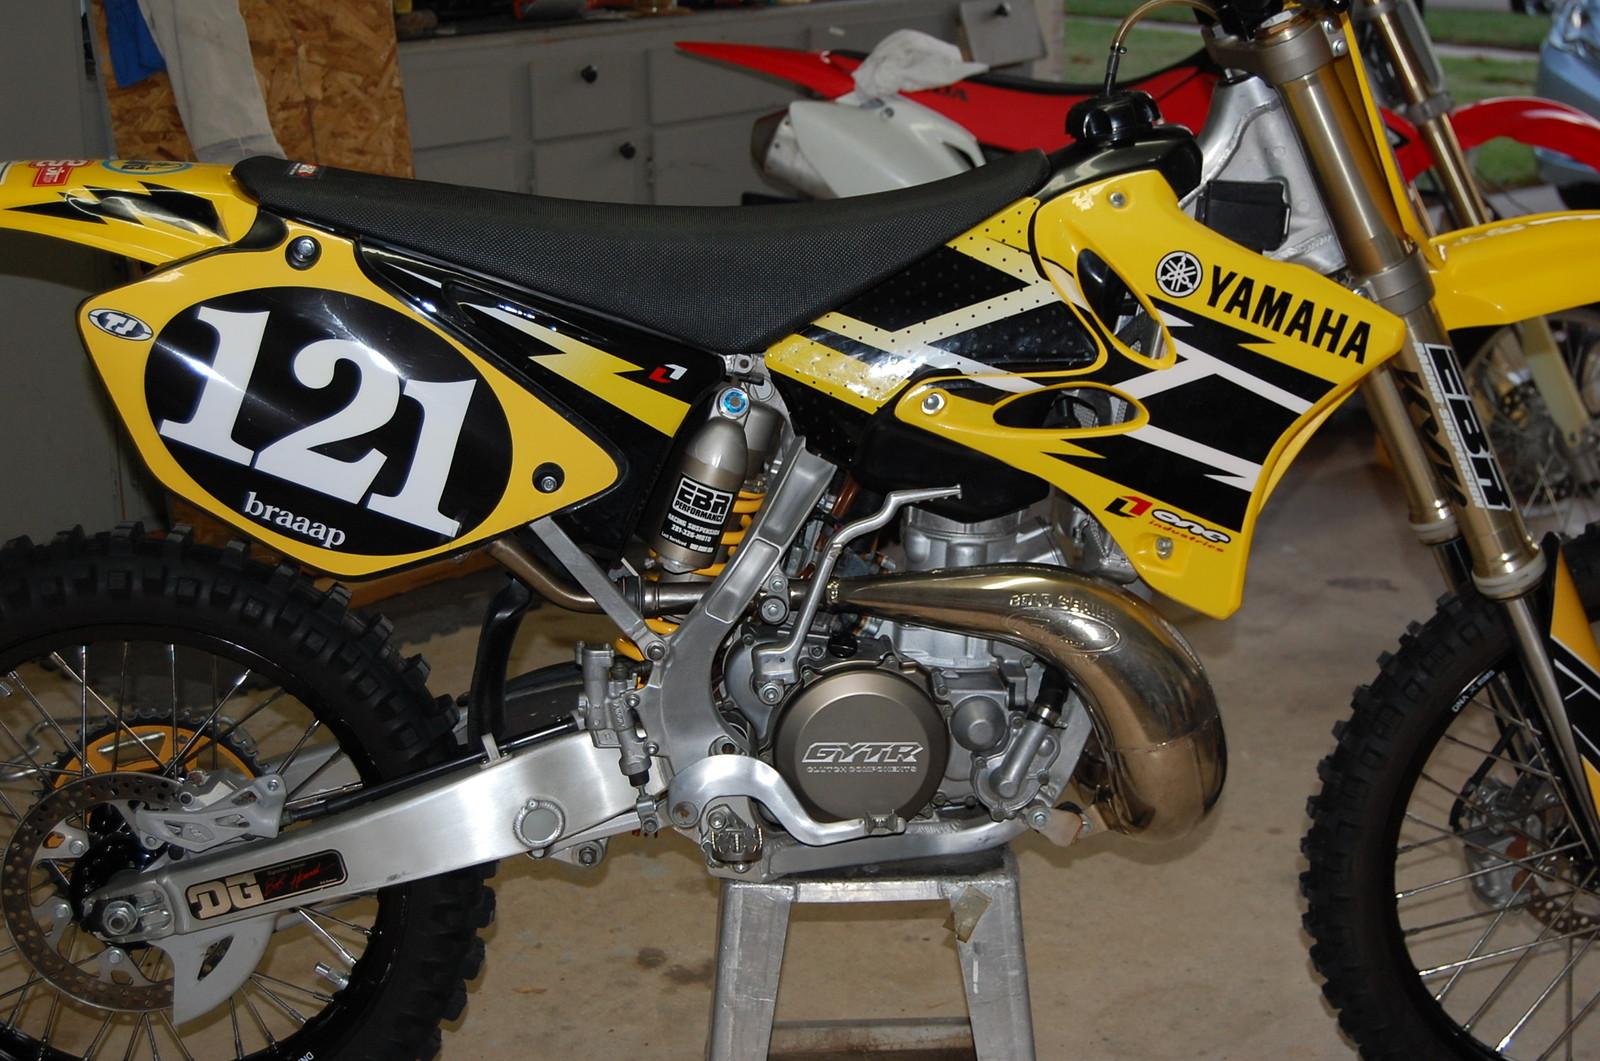 2006 YZ250 - braaap's Bike Check - Vital MX